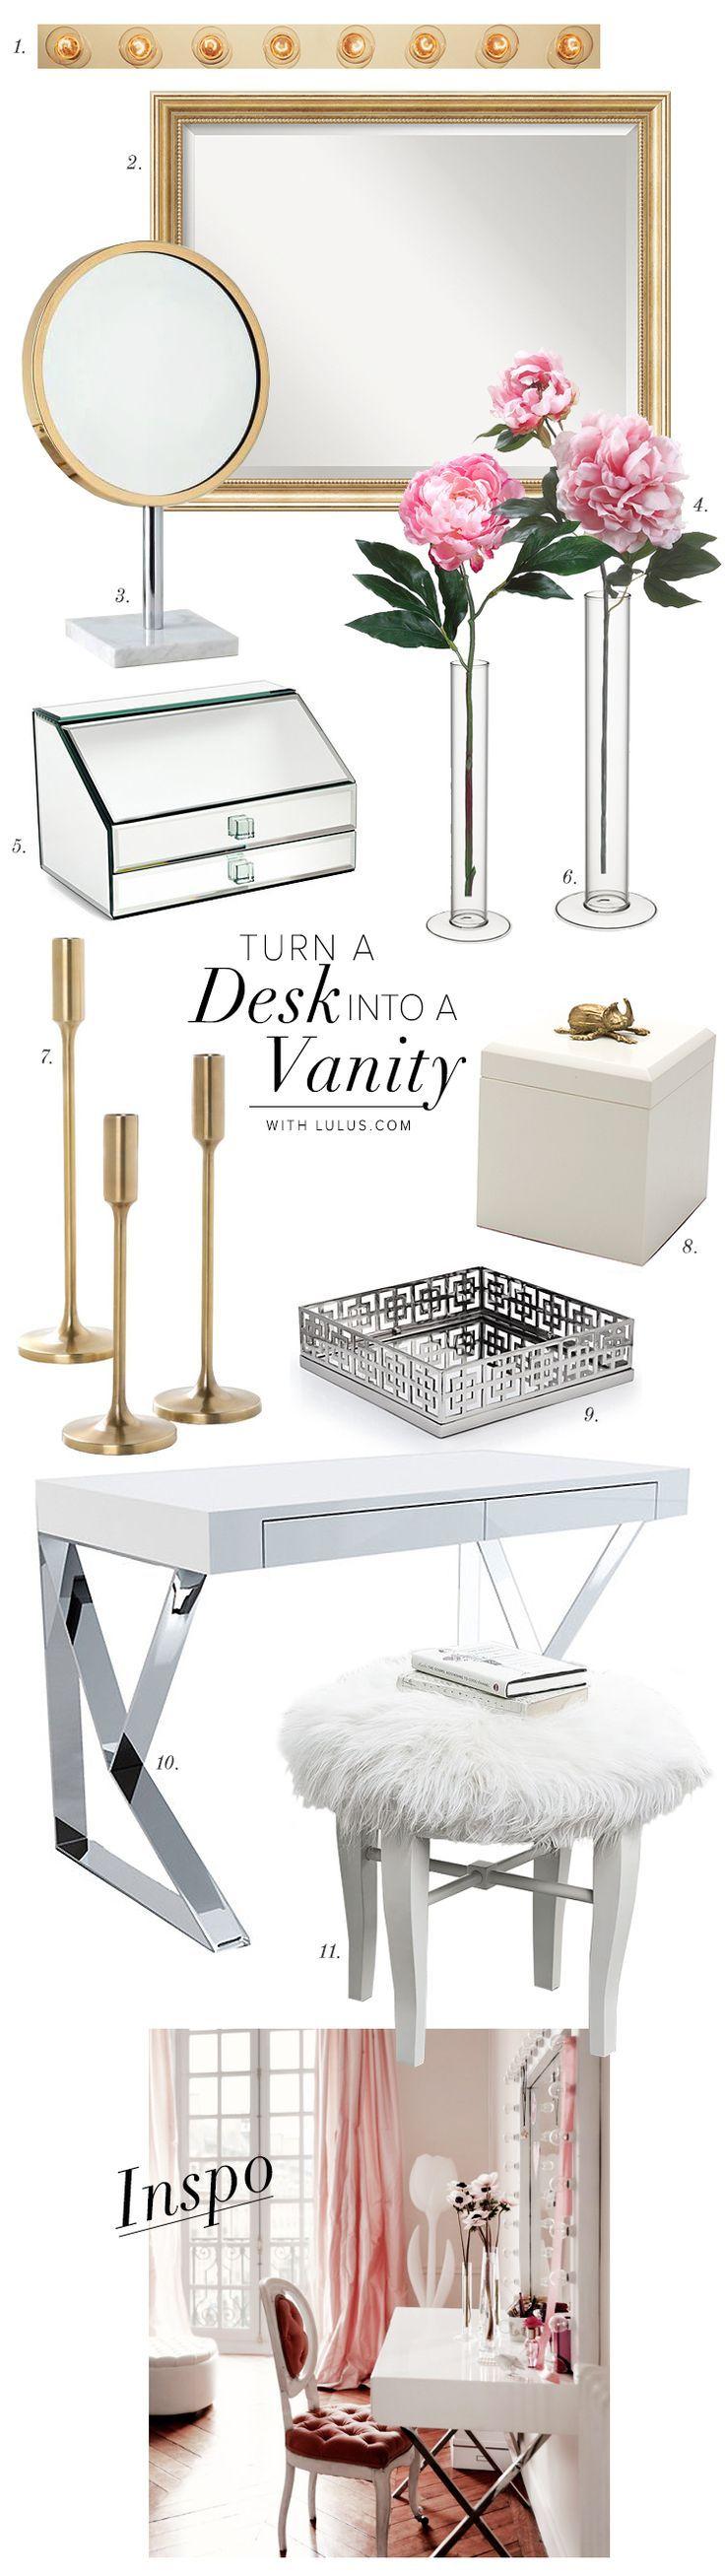 Turn your desk into a vanity vanities desks and bedrooms